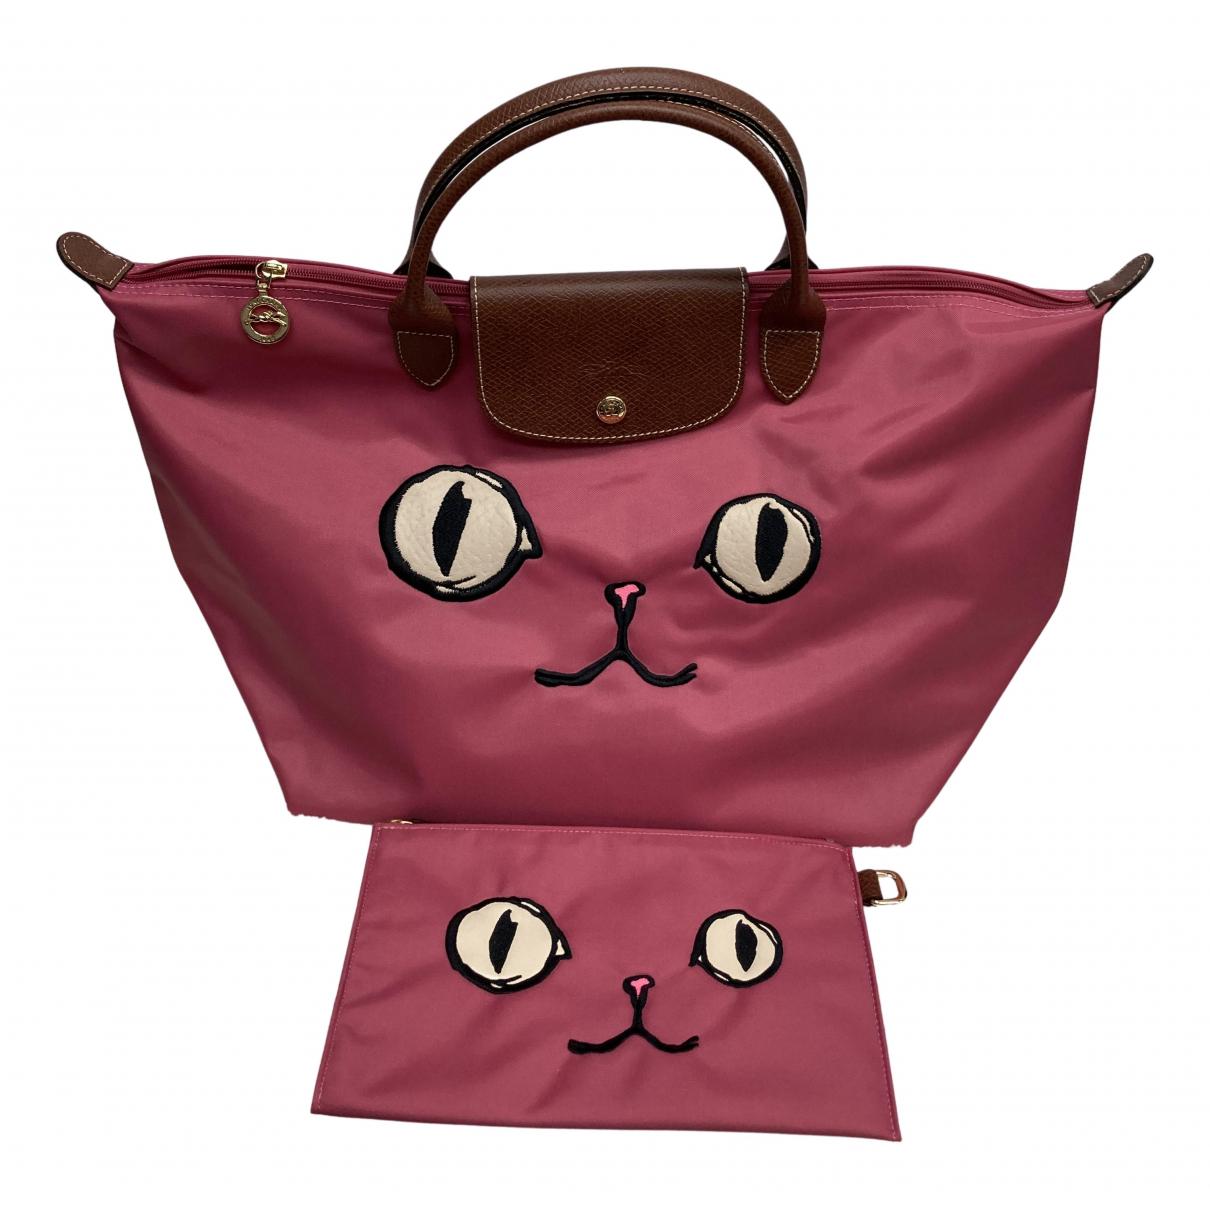 Longchamp - Sac a main Pliage  pour femme en toile - rose